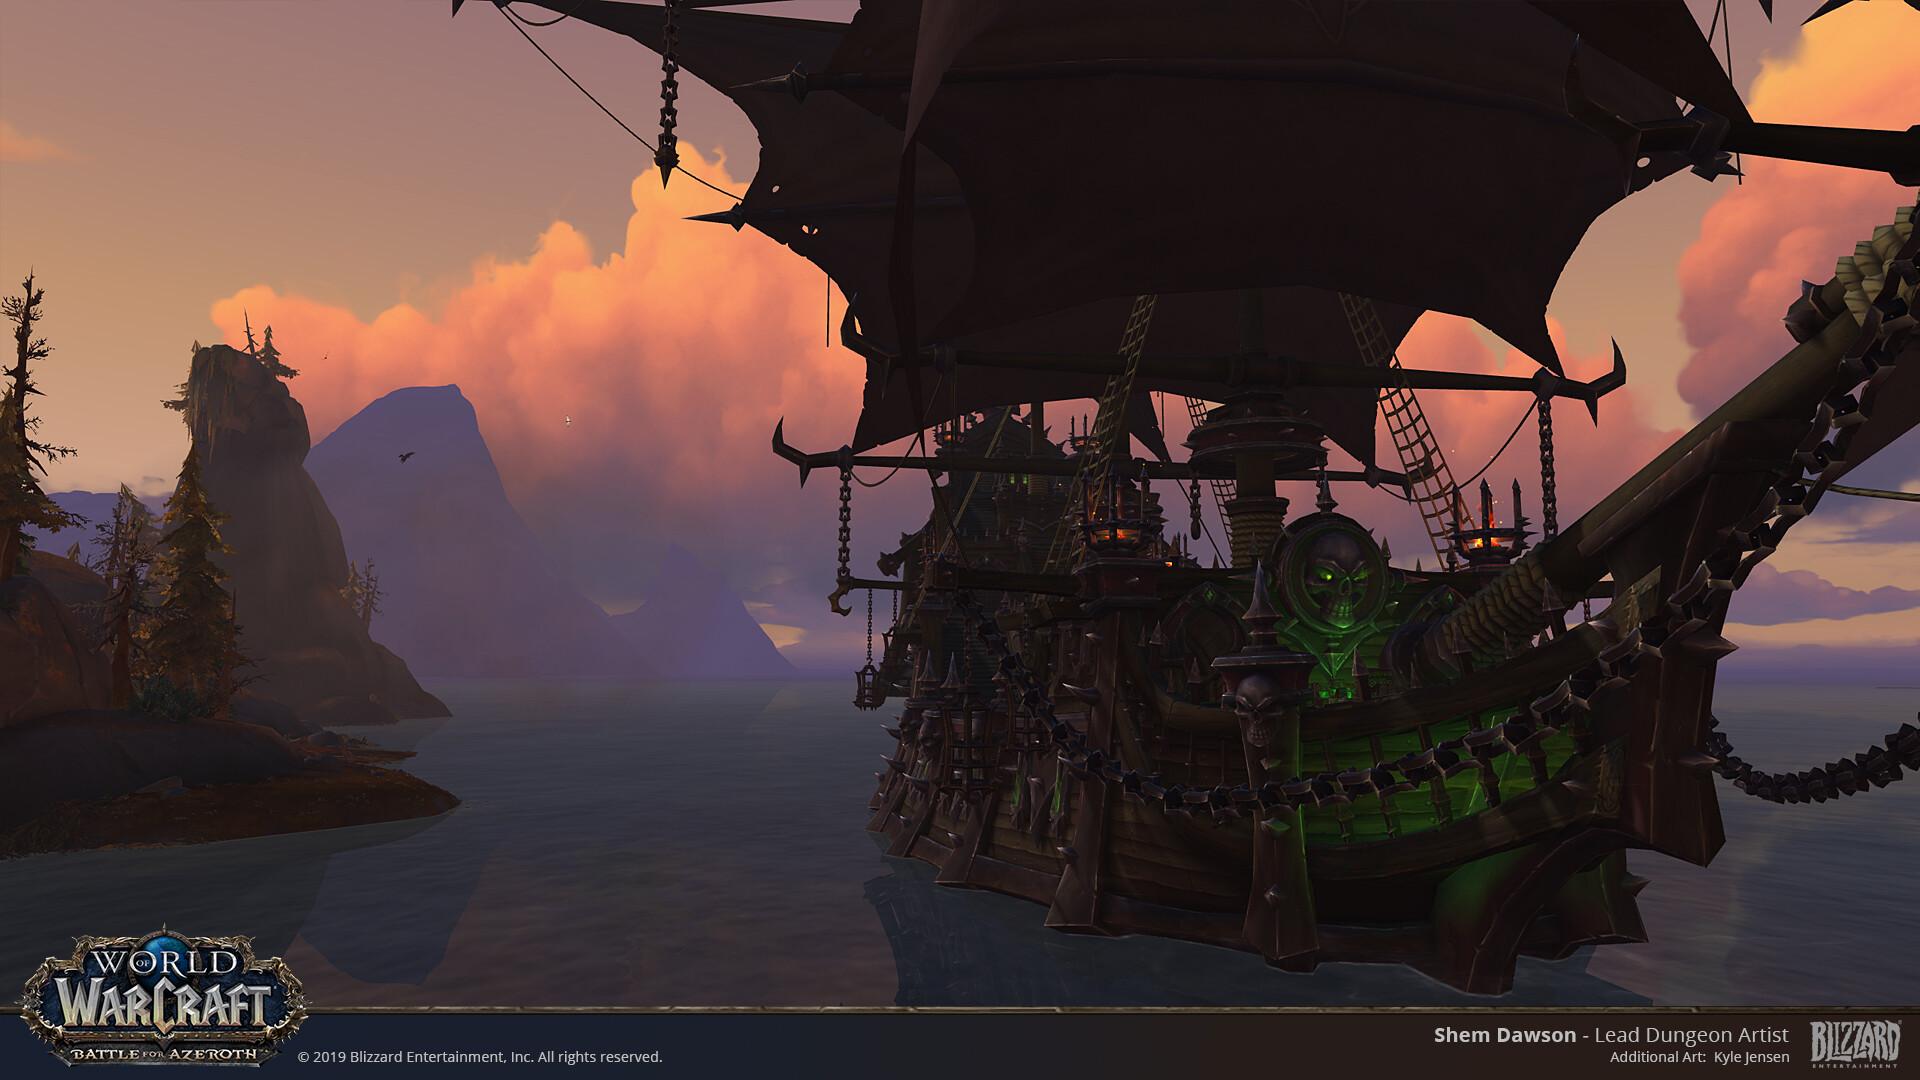 Shem dawson forskaen ship image02